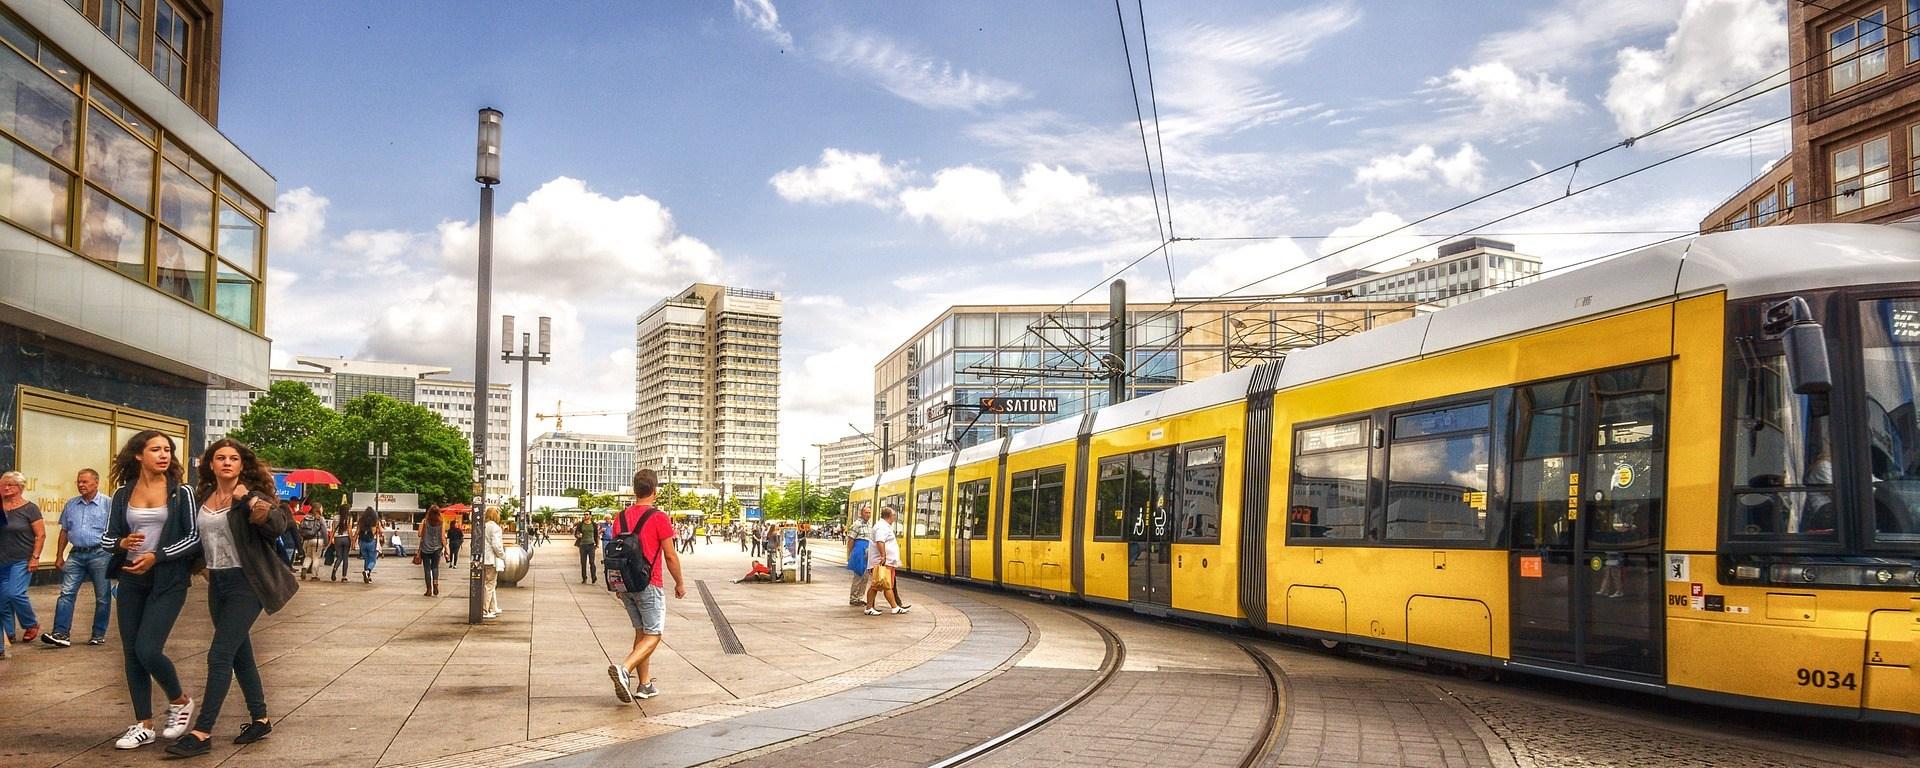 Tranvías de Berlín